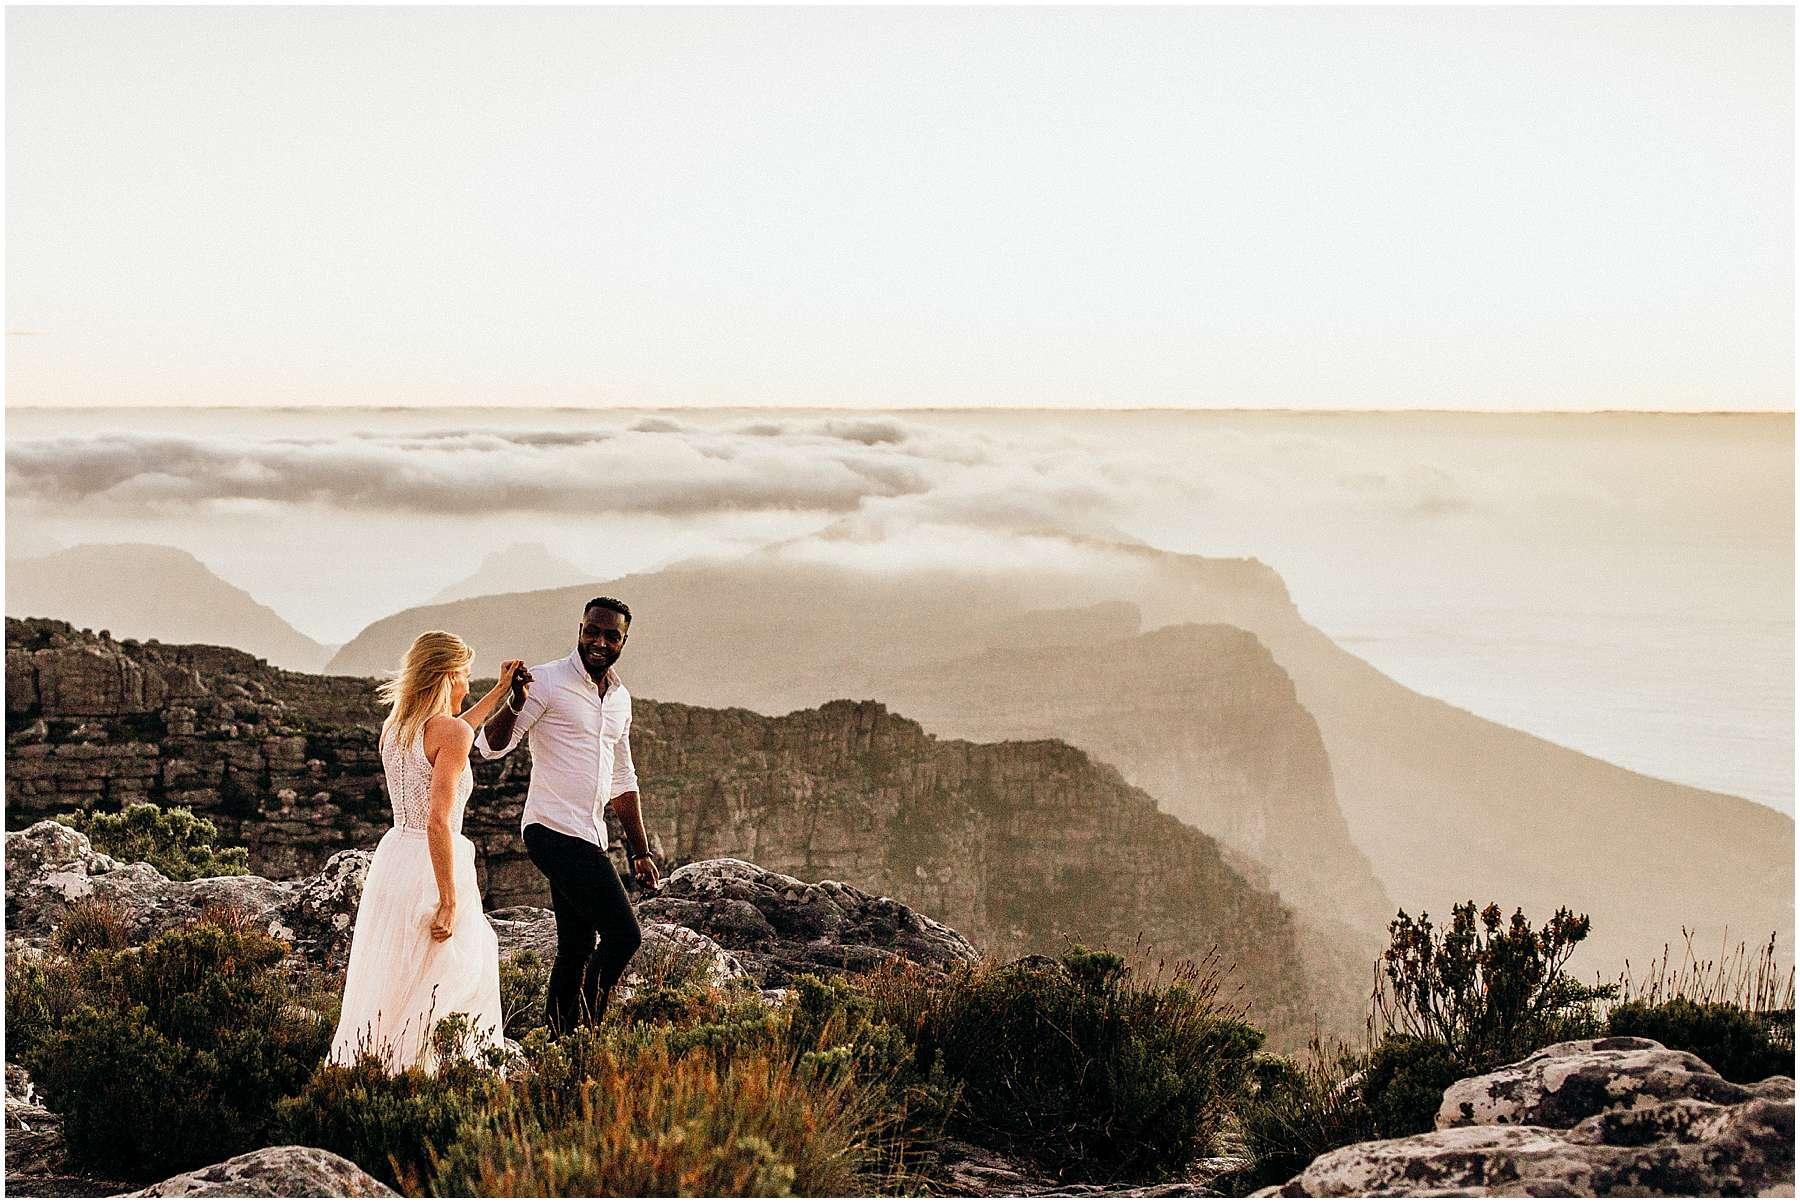 LOTTYH-South-Africa-Elopement-Photographer_0034+.jpg